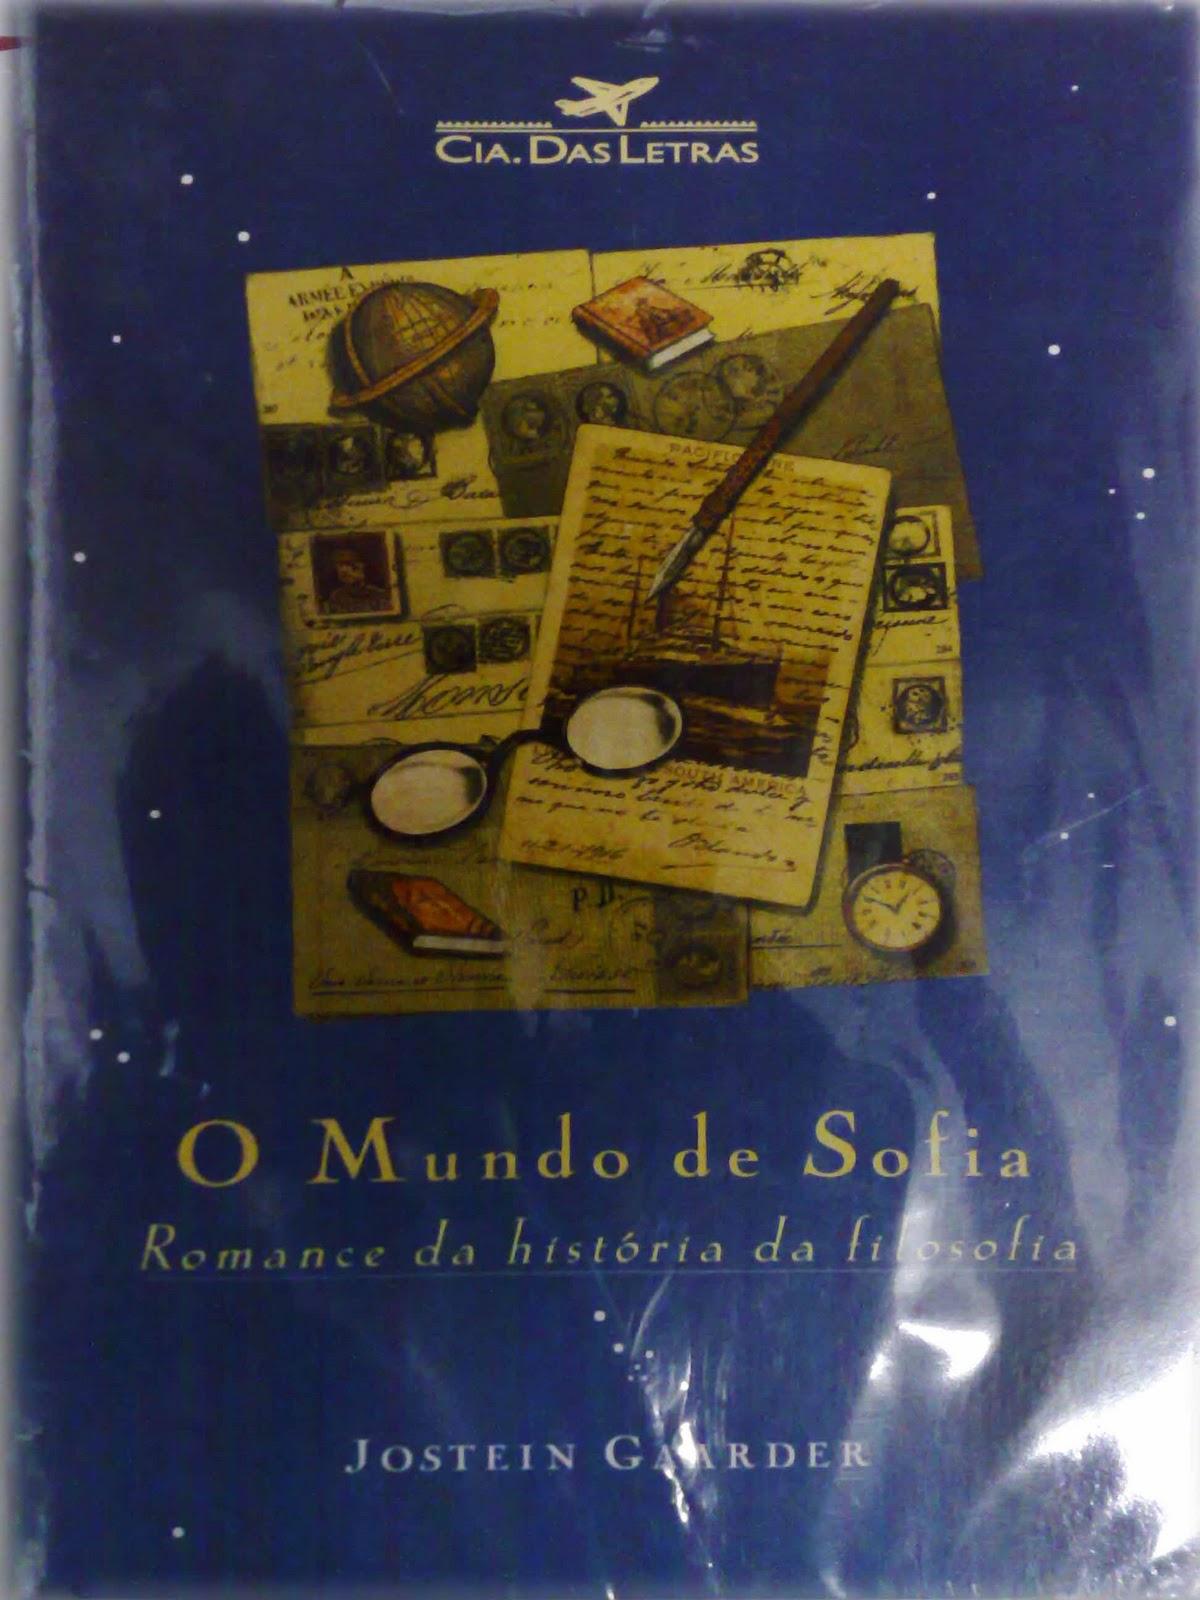 CANTINHO DO LIVRO - 87868248\96215329: O mundo de sofia